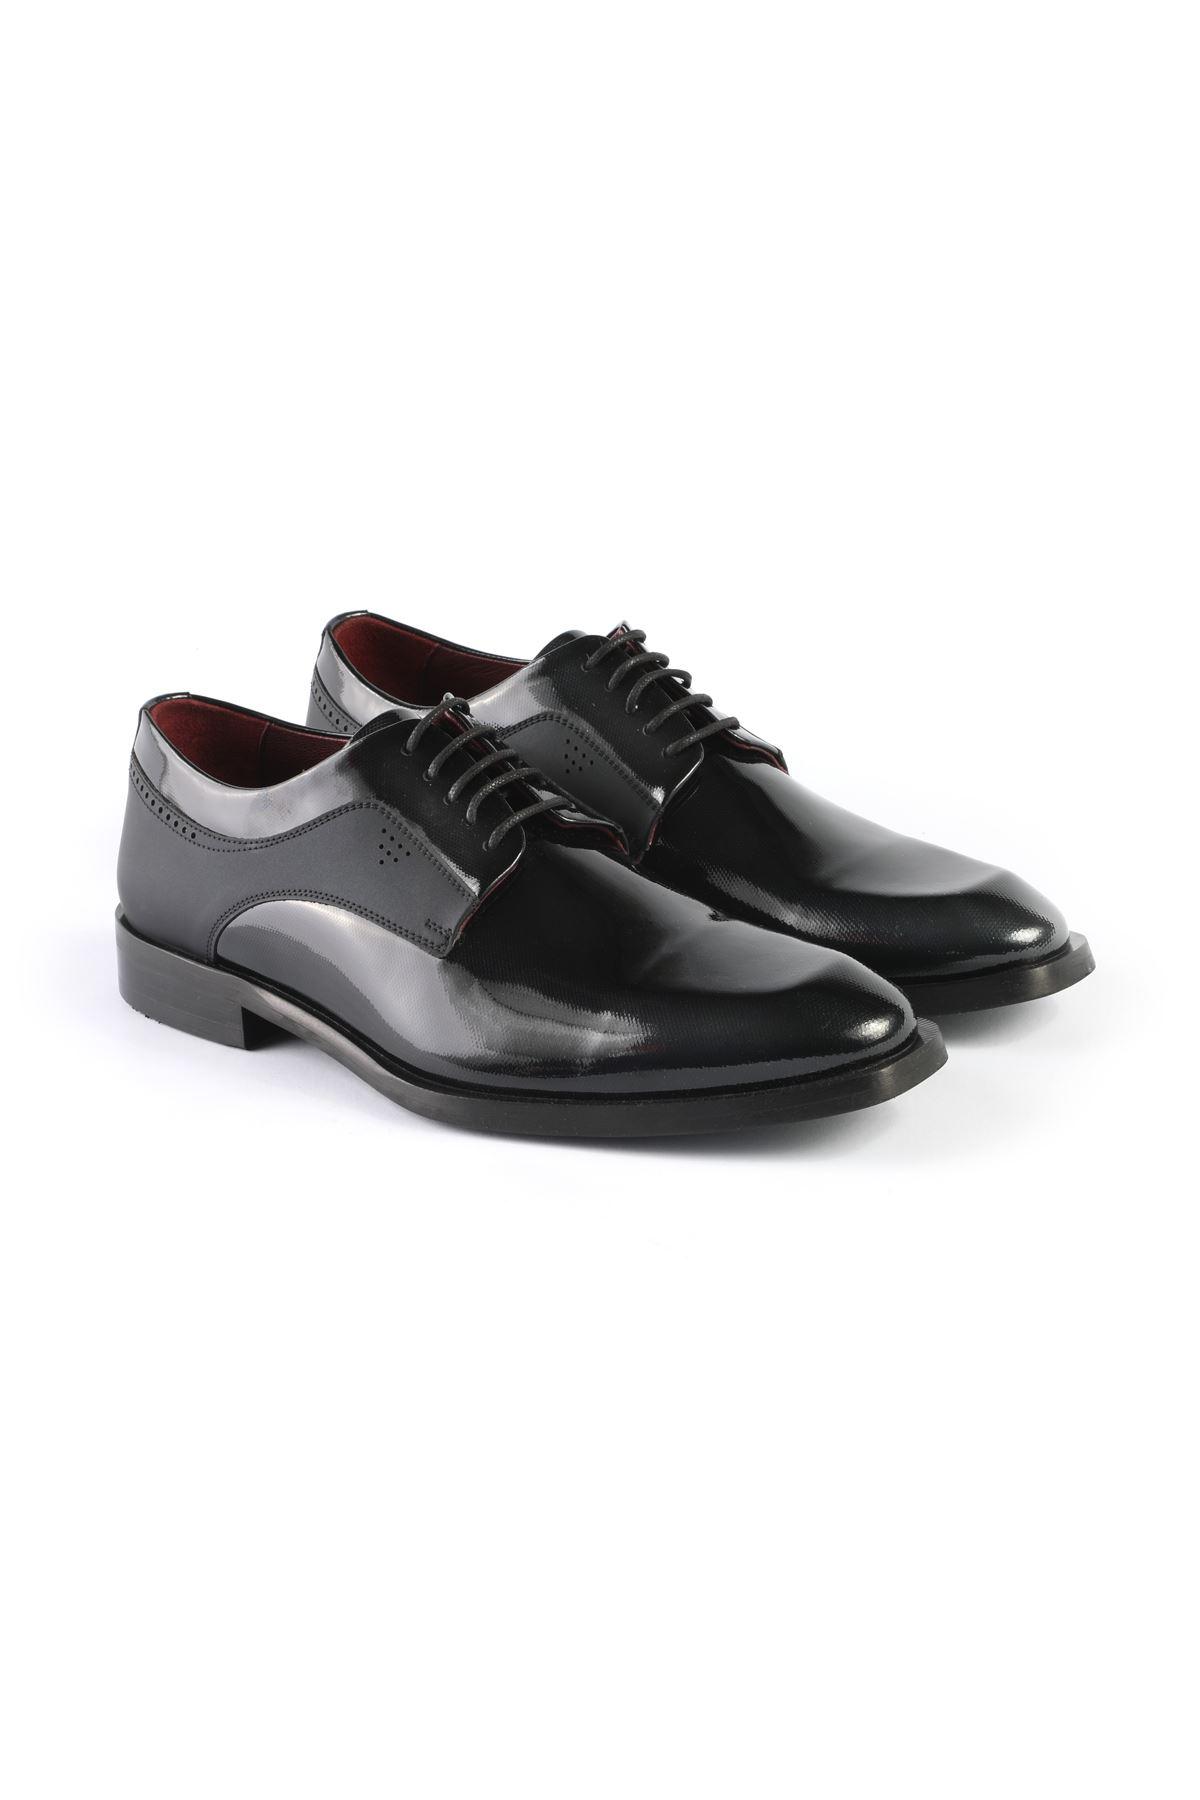 Libero L3252 Black Classic Shoes